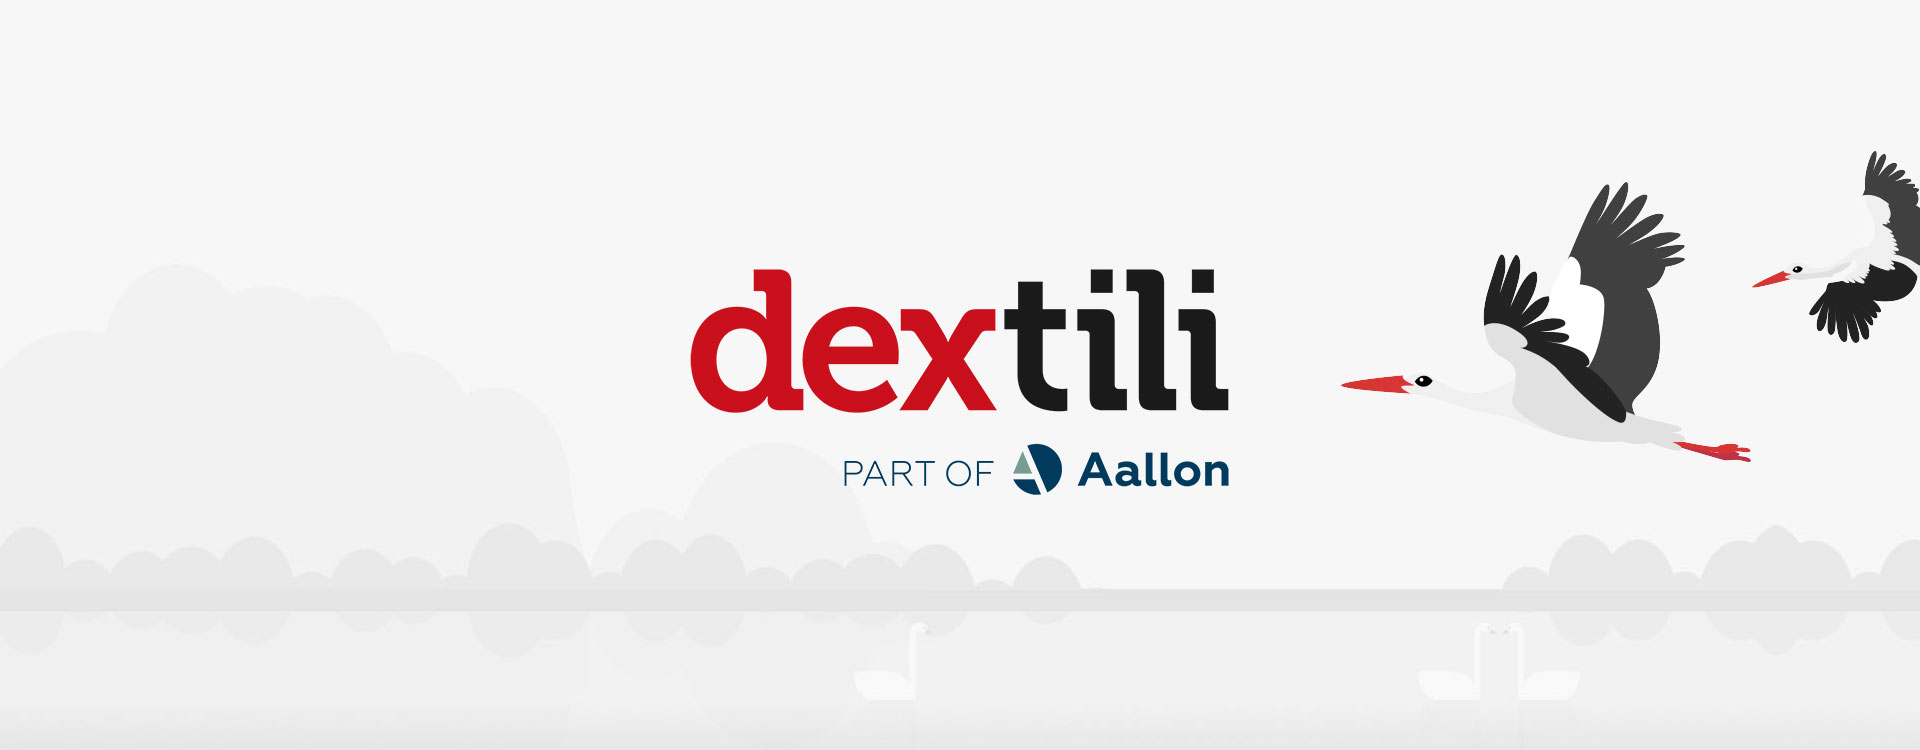 Systemaattinen markkinointi auttaa Dextiliä kasvamaan